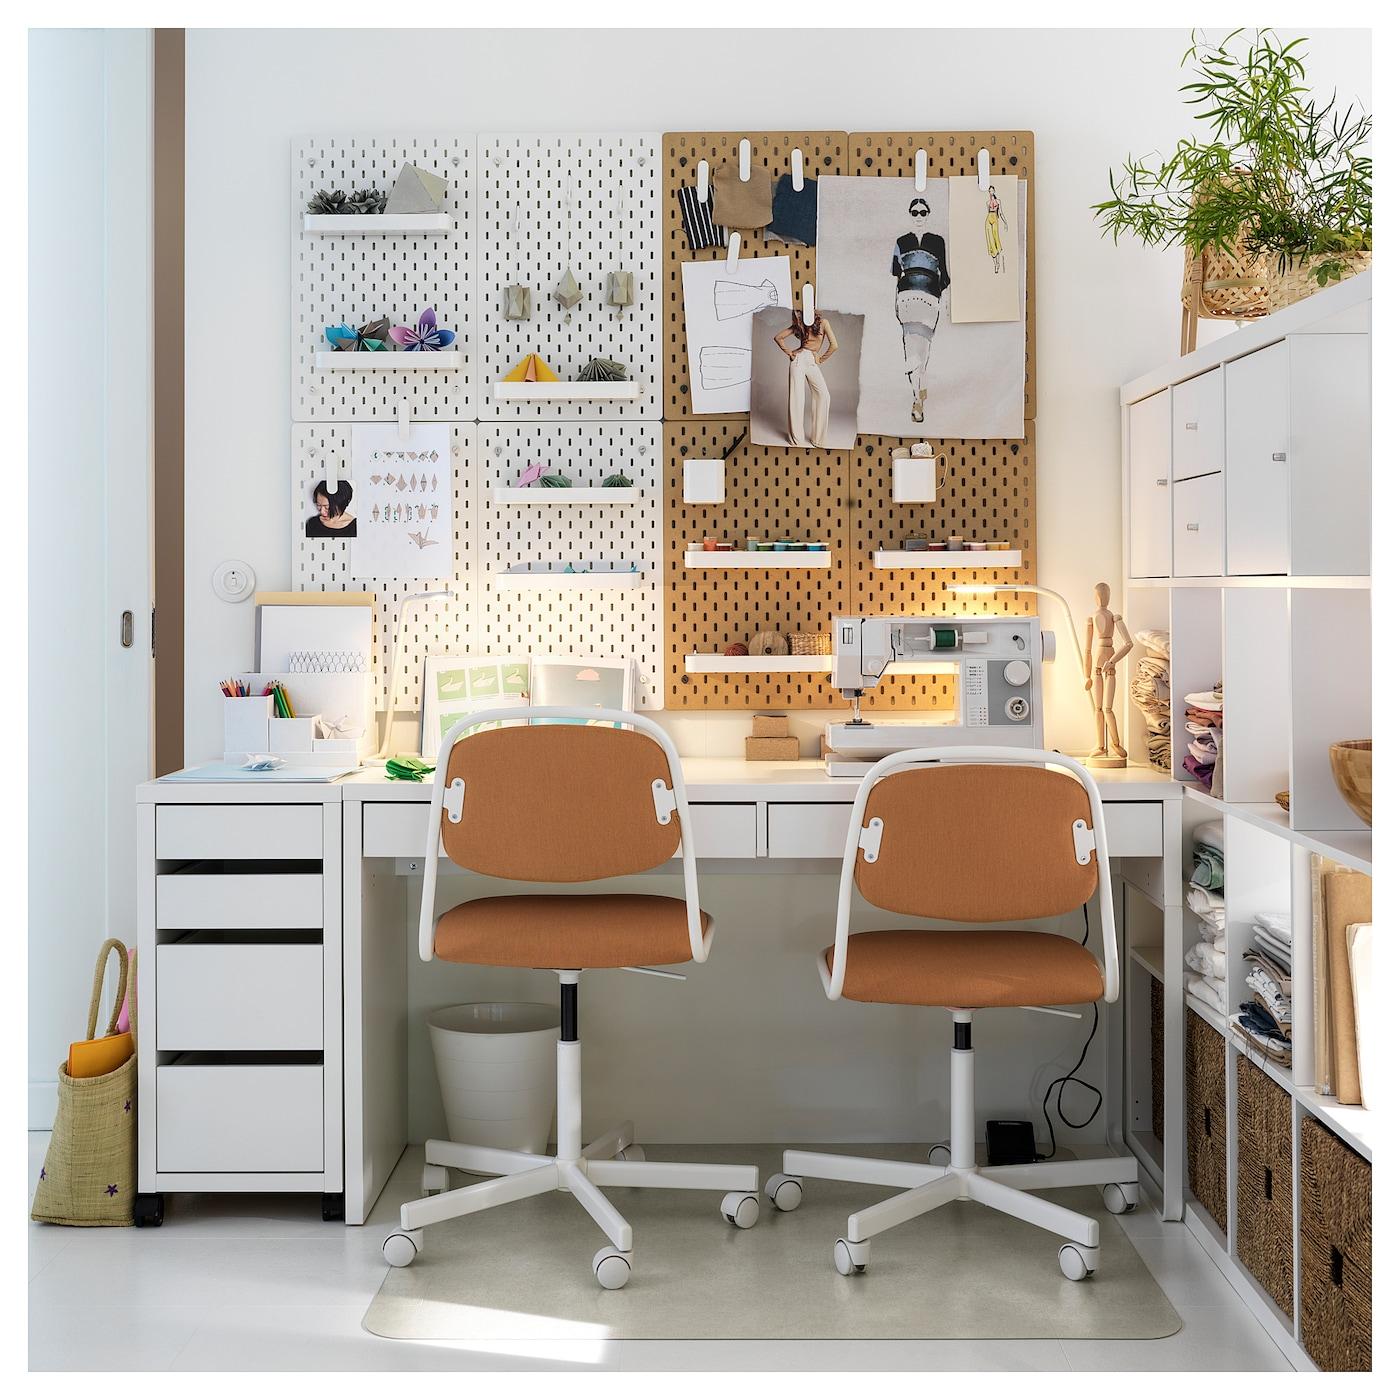 Dinamarca Banco Pebish  MICKE white, Desk, 142x50 cm - IKEA